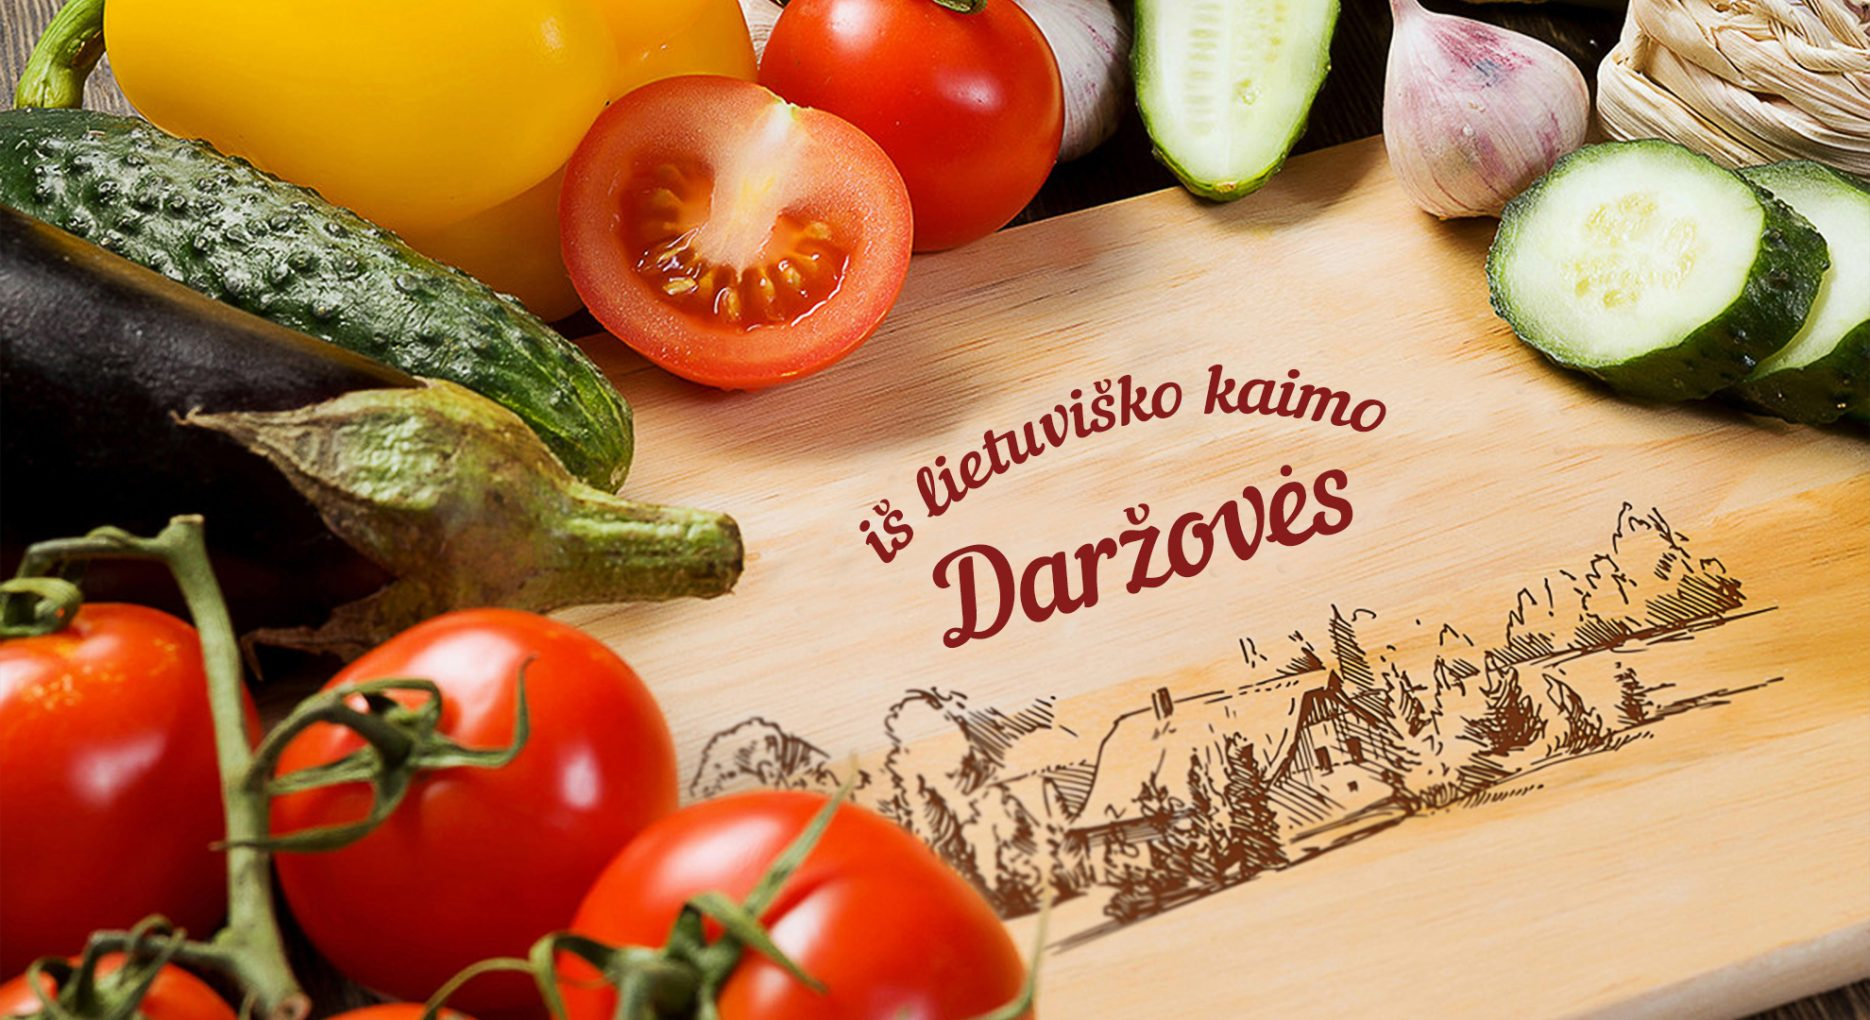 Daržovės iš Lietuviško kaimo VšĮ Bruneros